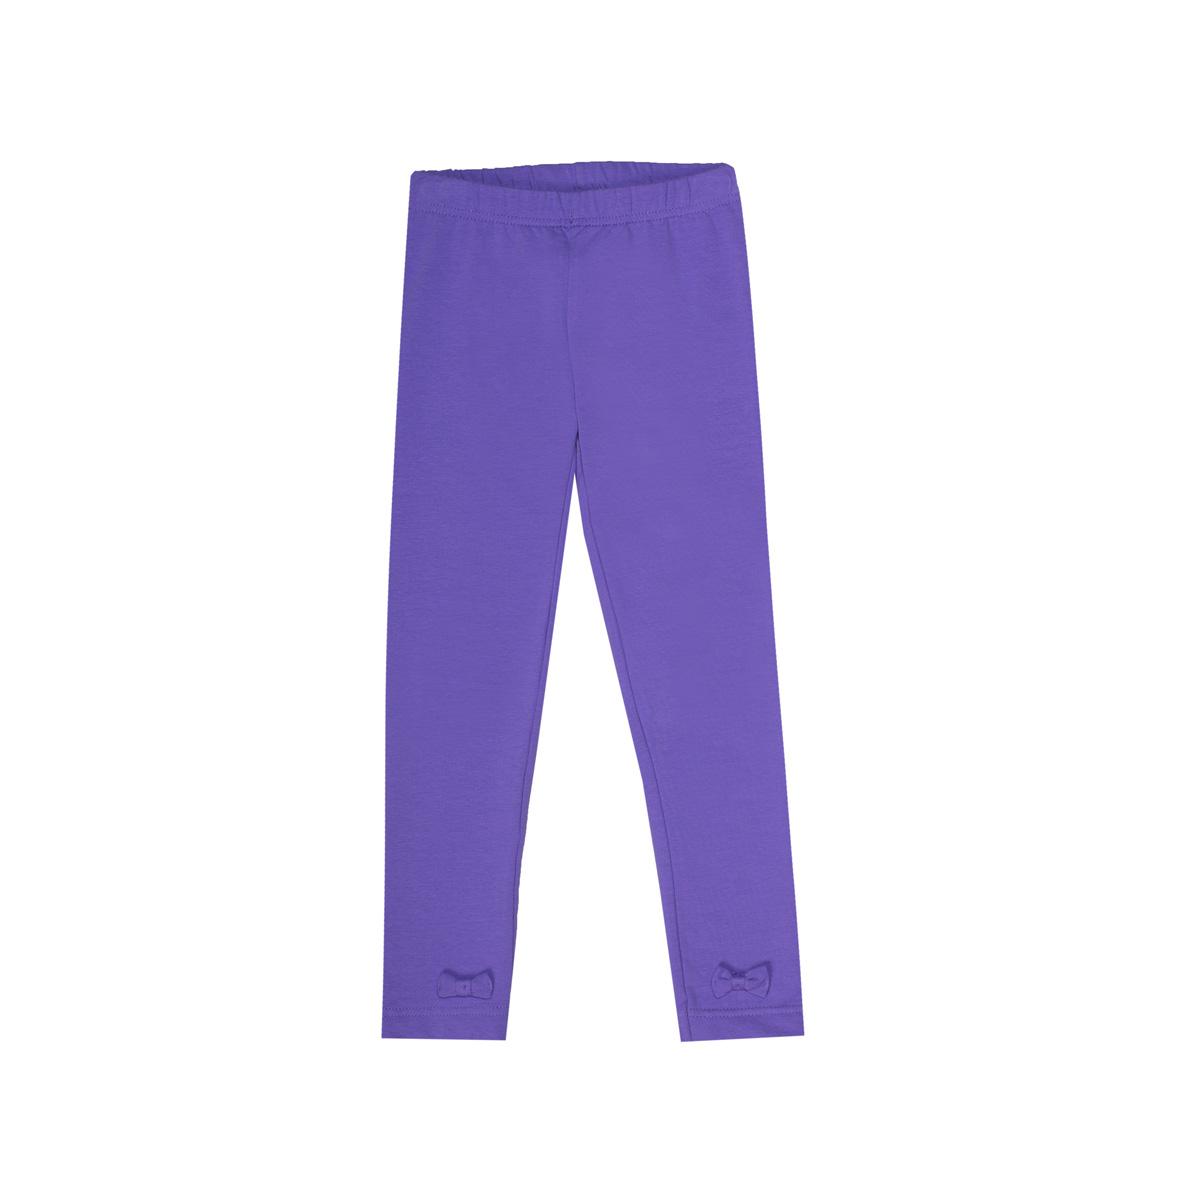 Dekliške hlače, vijolična